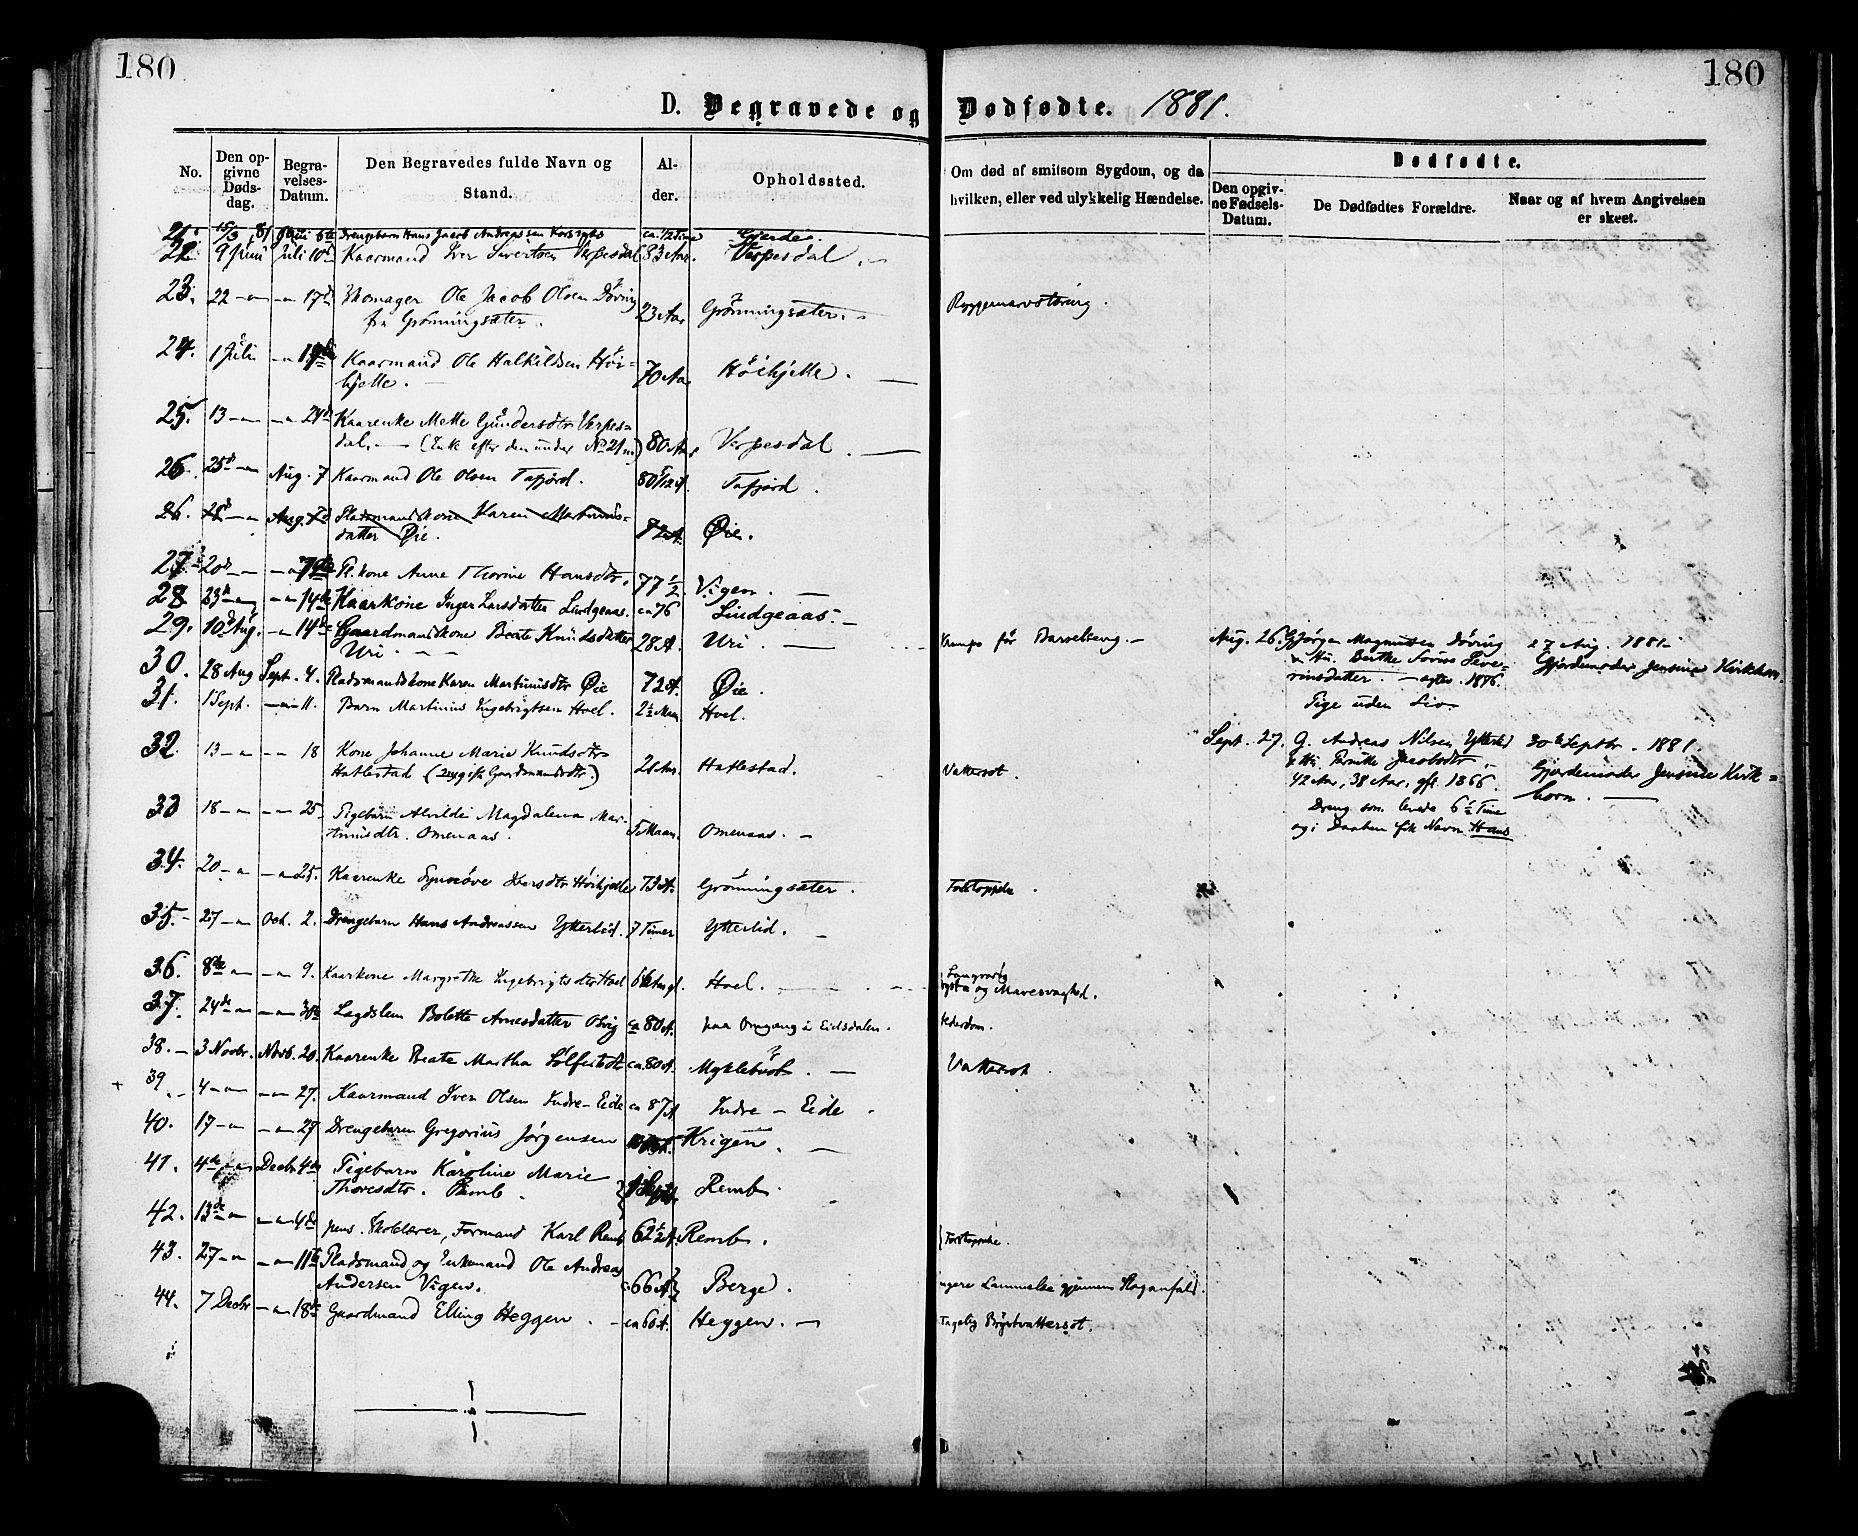 SAT, Ministerialprotokoller, klokkerbøker og fødselsregistre - Møre og Romsdal, 519/L0254: Ministerialbok nr. 519A13, 1868-1883, s. 180